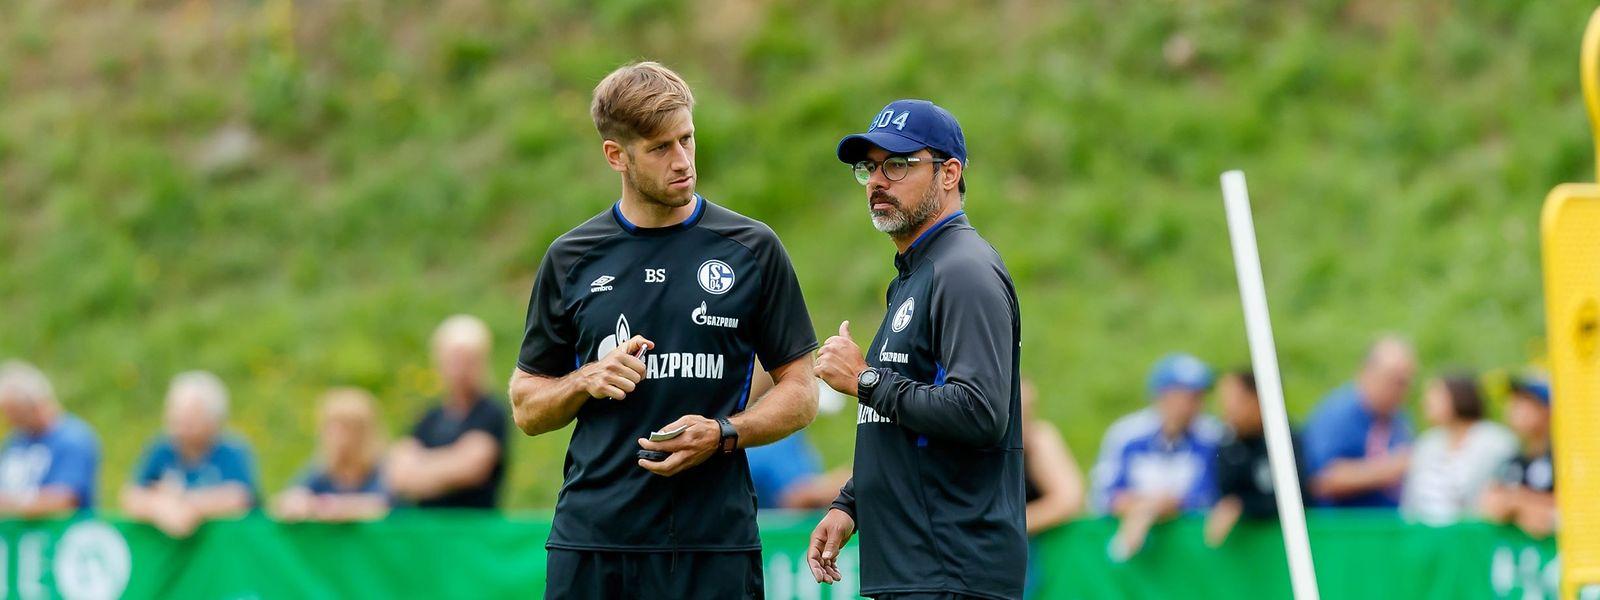 Bob Schoos im Gespräch mit Schalkes Ex-Trainer David Wagner (r.).